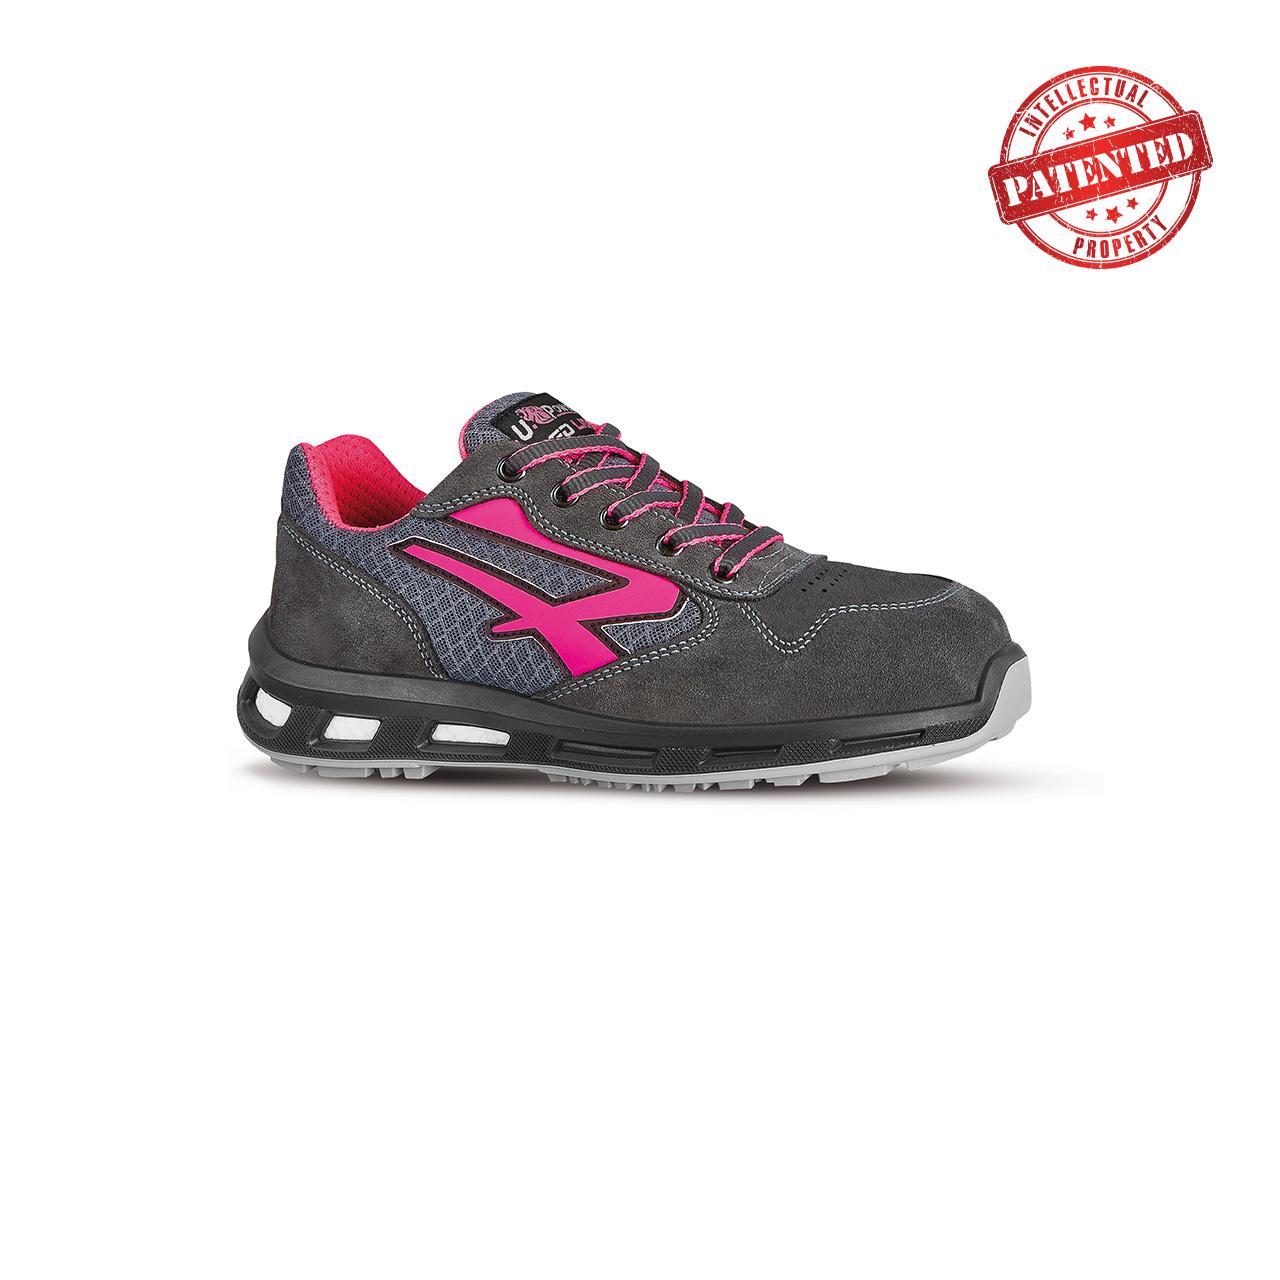 scarpa antinfortunistica upower modello verok linea redlion vista laterale